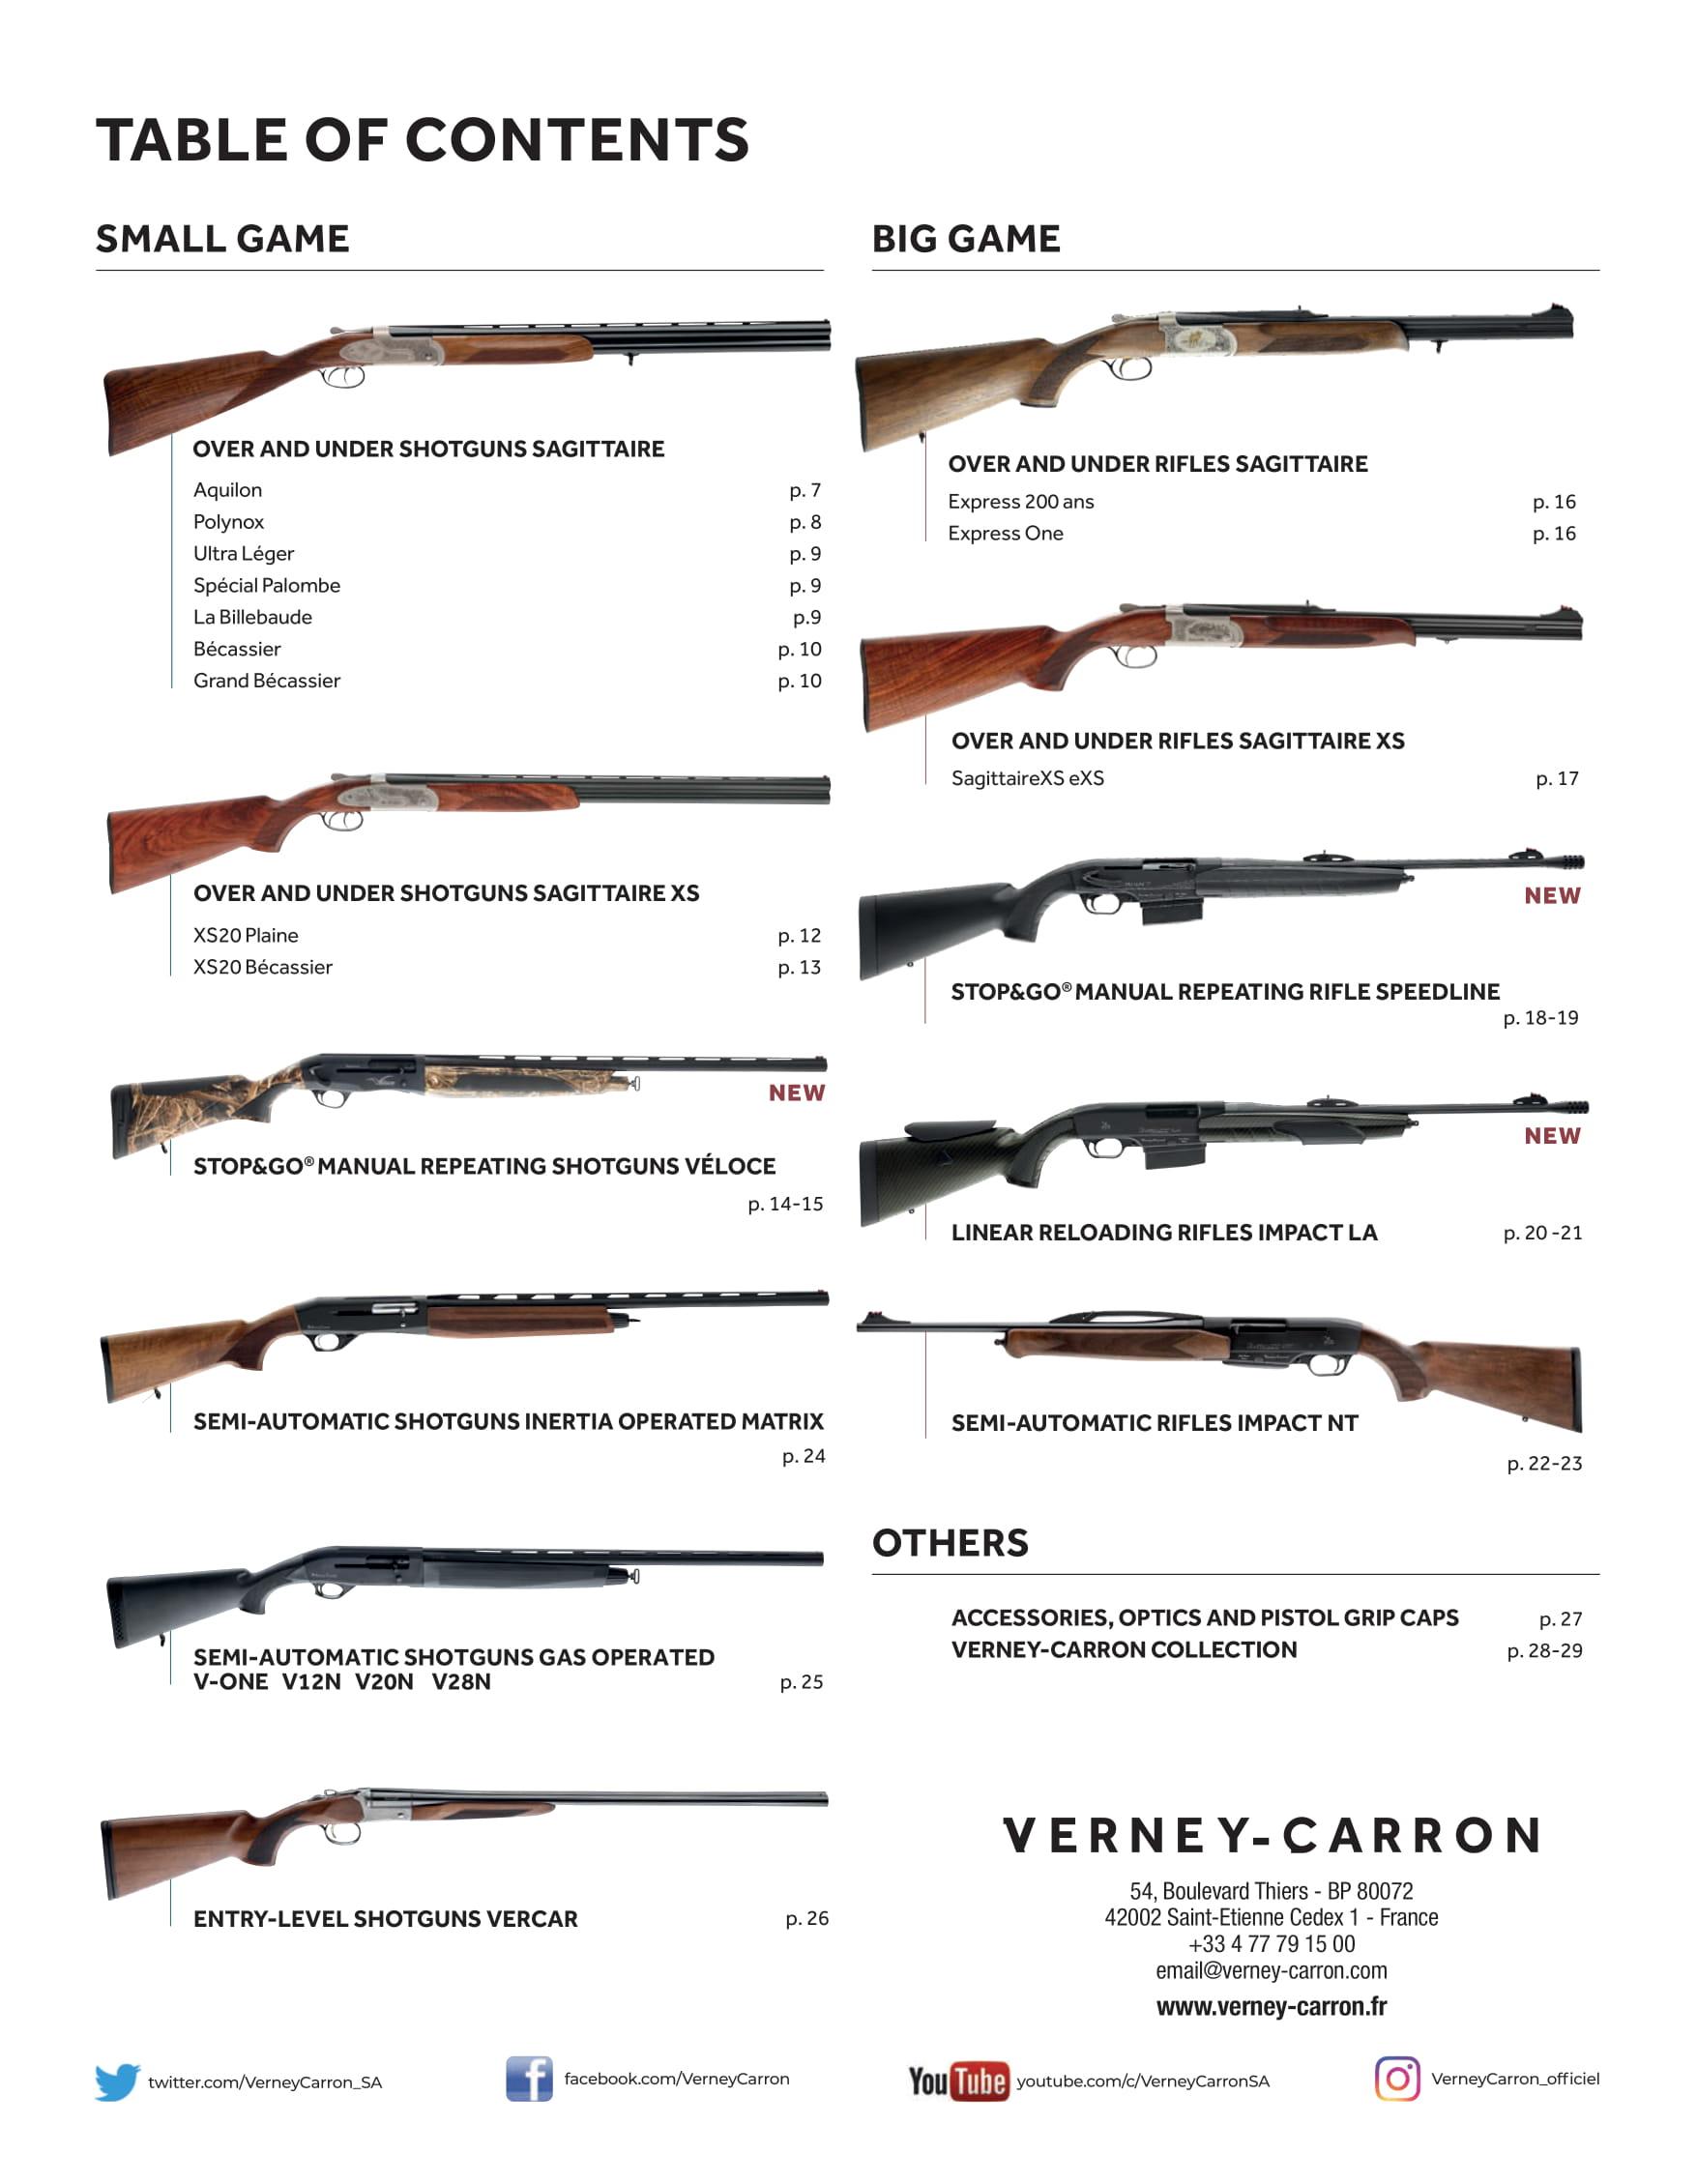 catalogue-2020-verney-carron-08.jpg